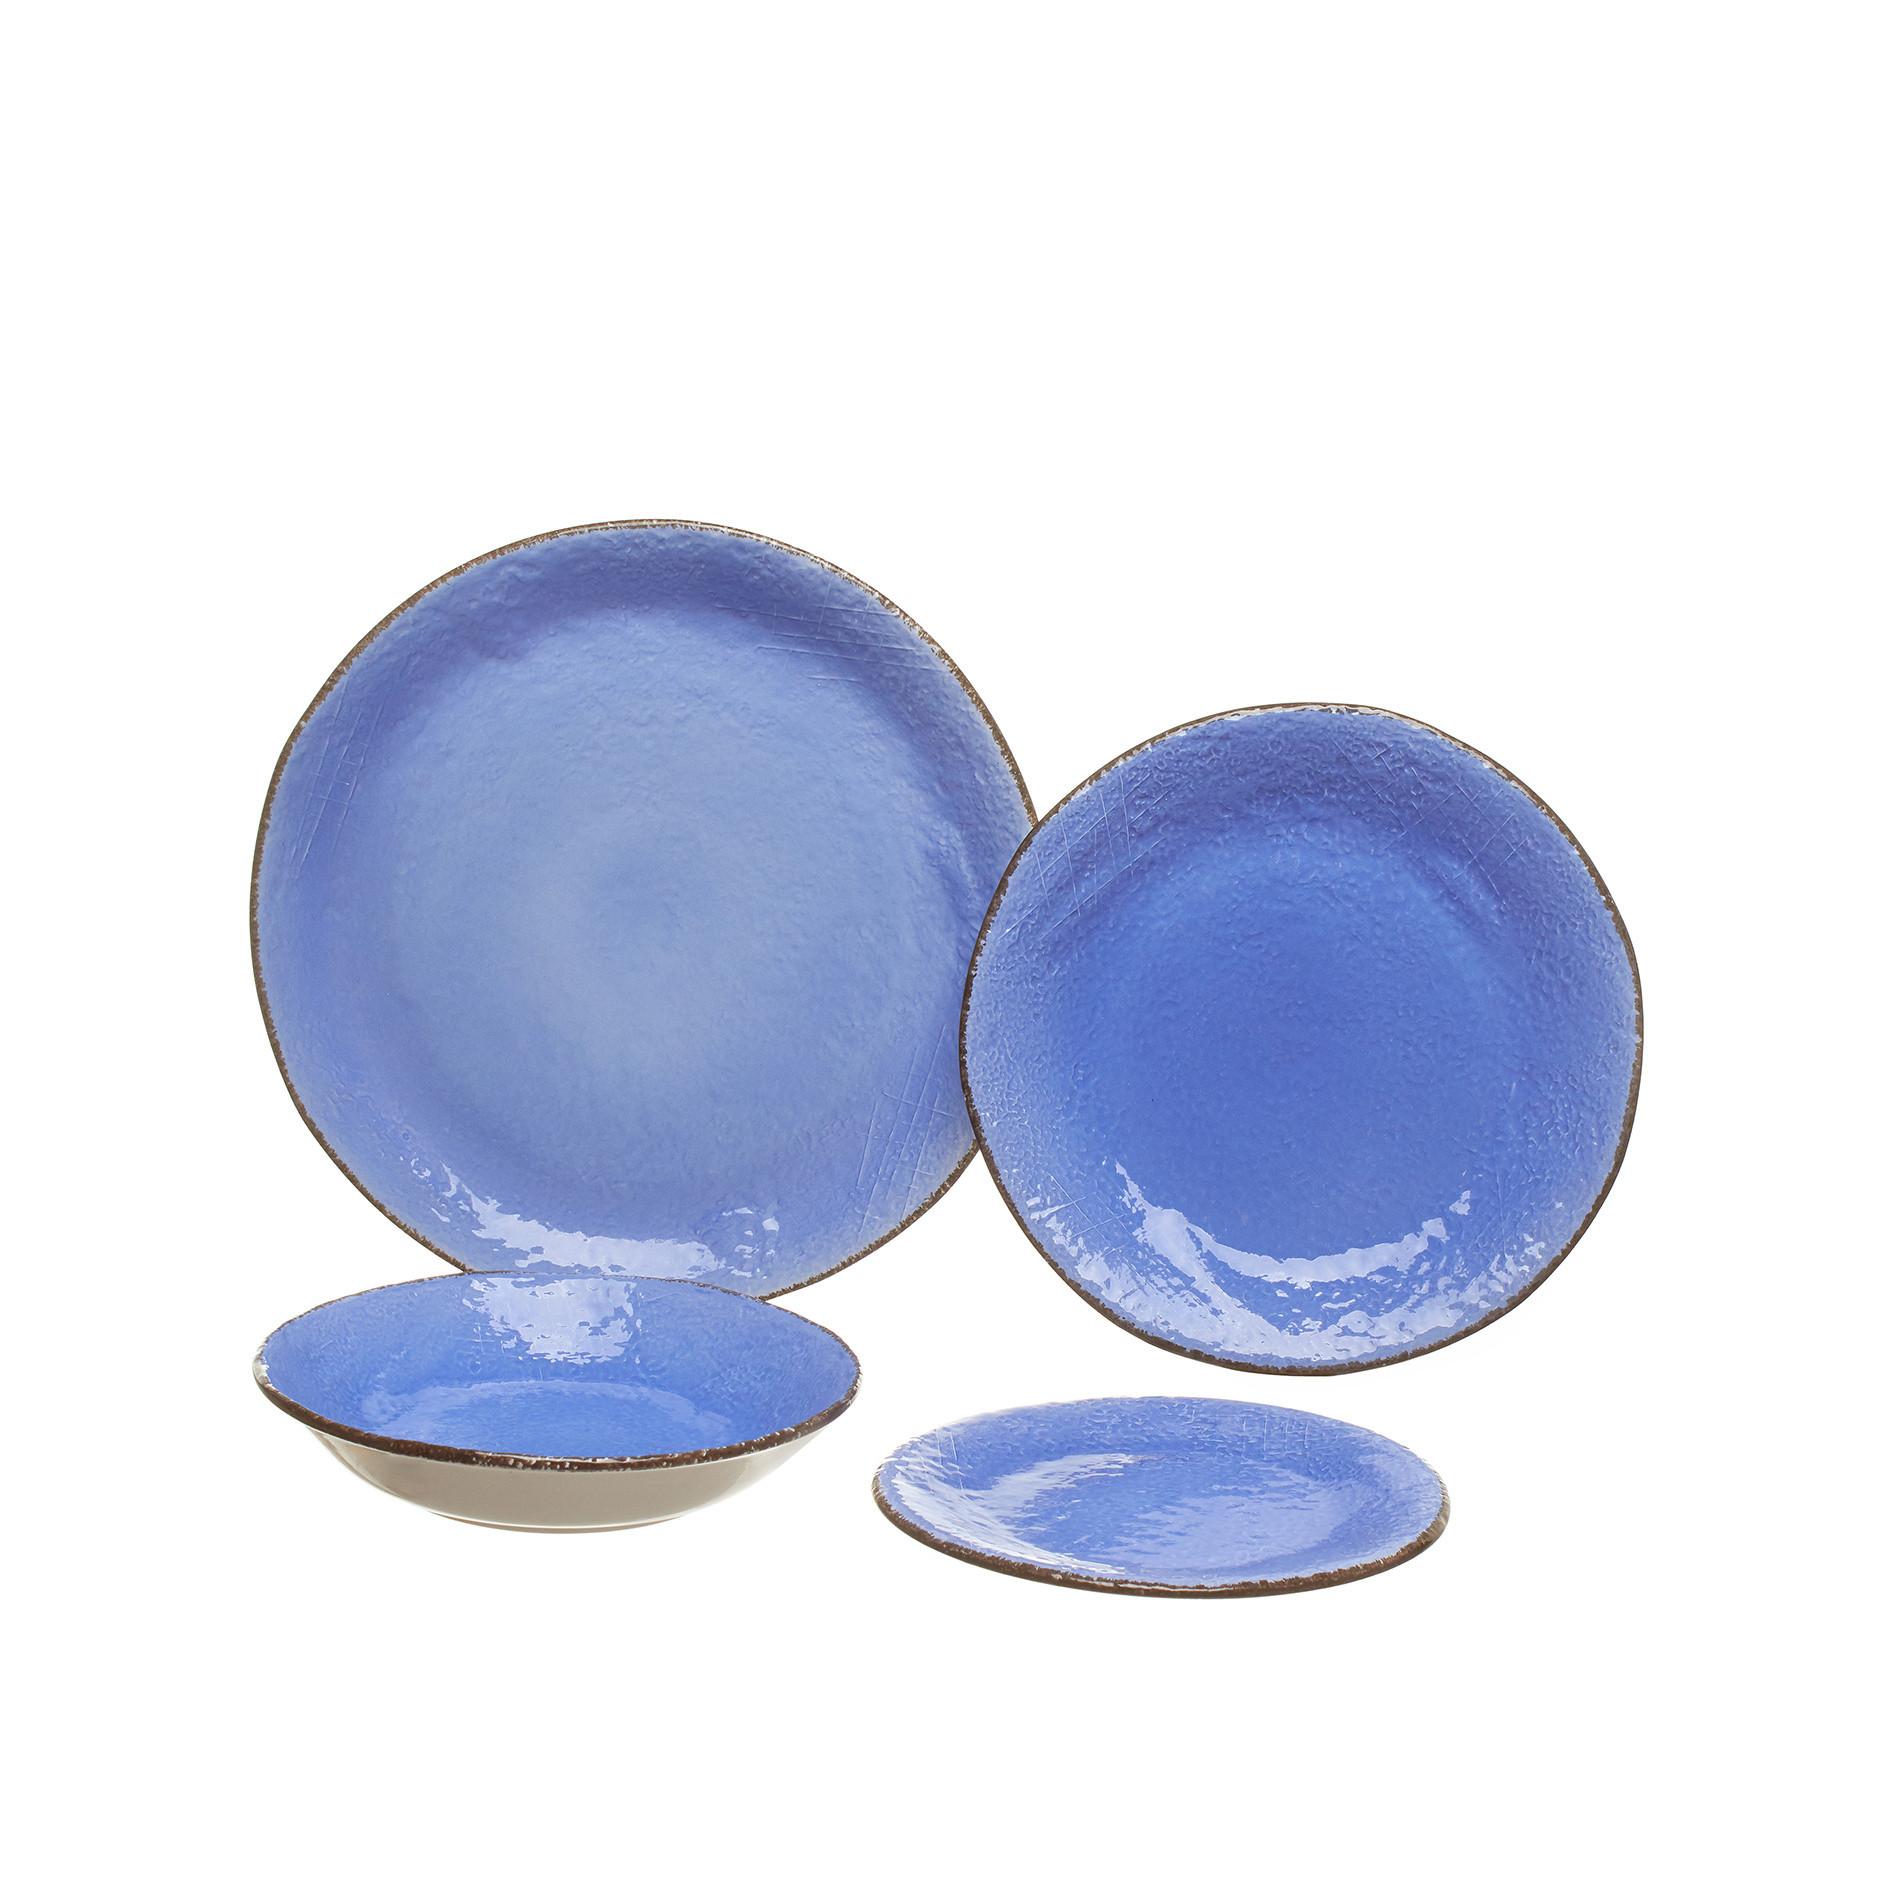 Piatto fondo ceramica artigianale Preta, Azzurro, large image number 1